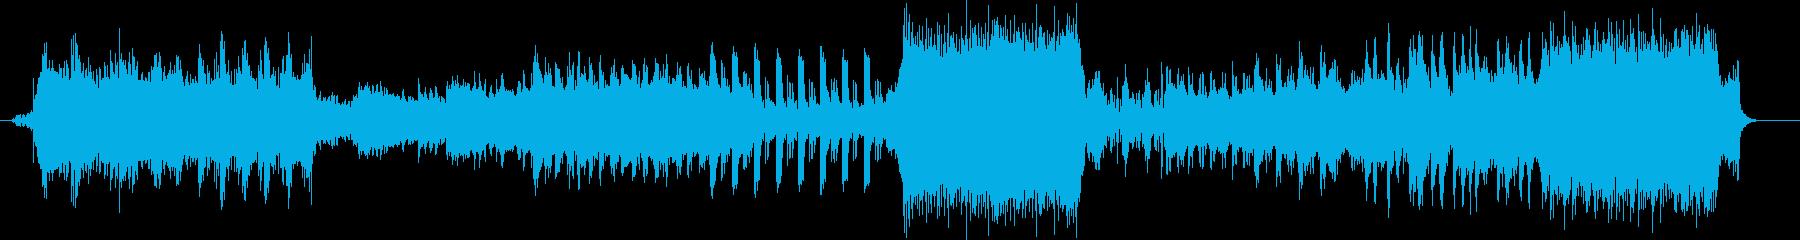 SFオーケストラの再生済みの波形